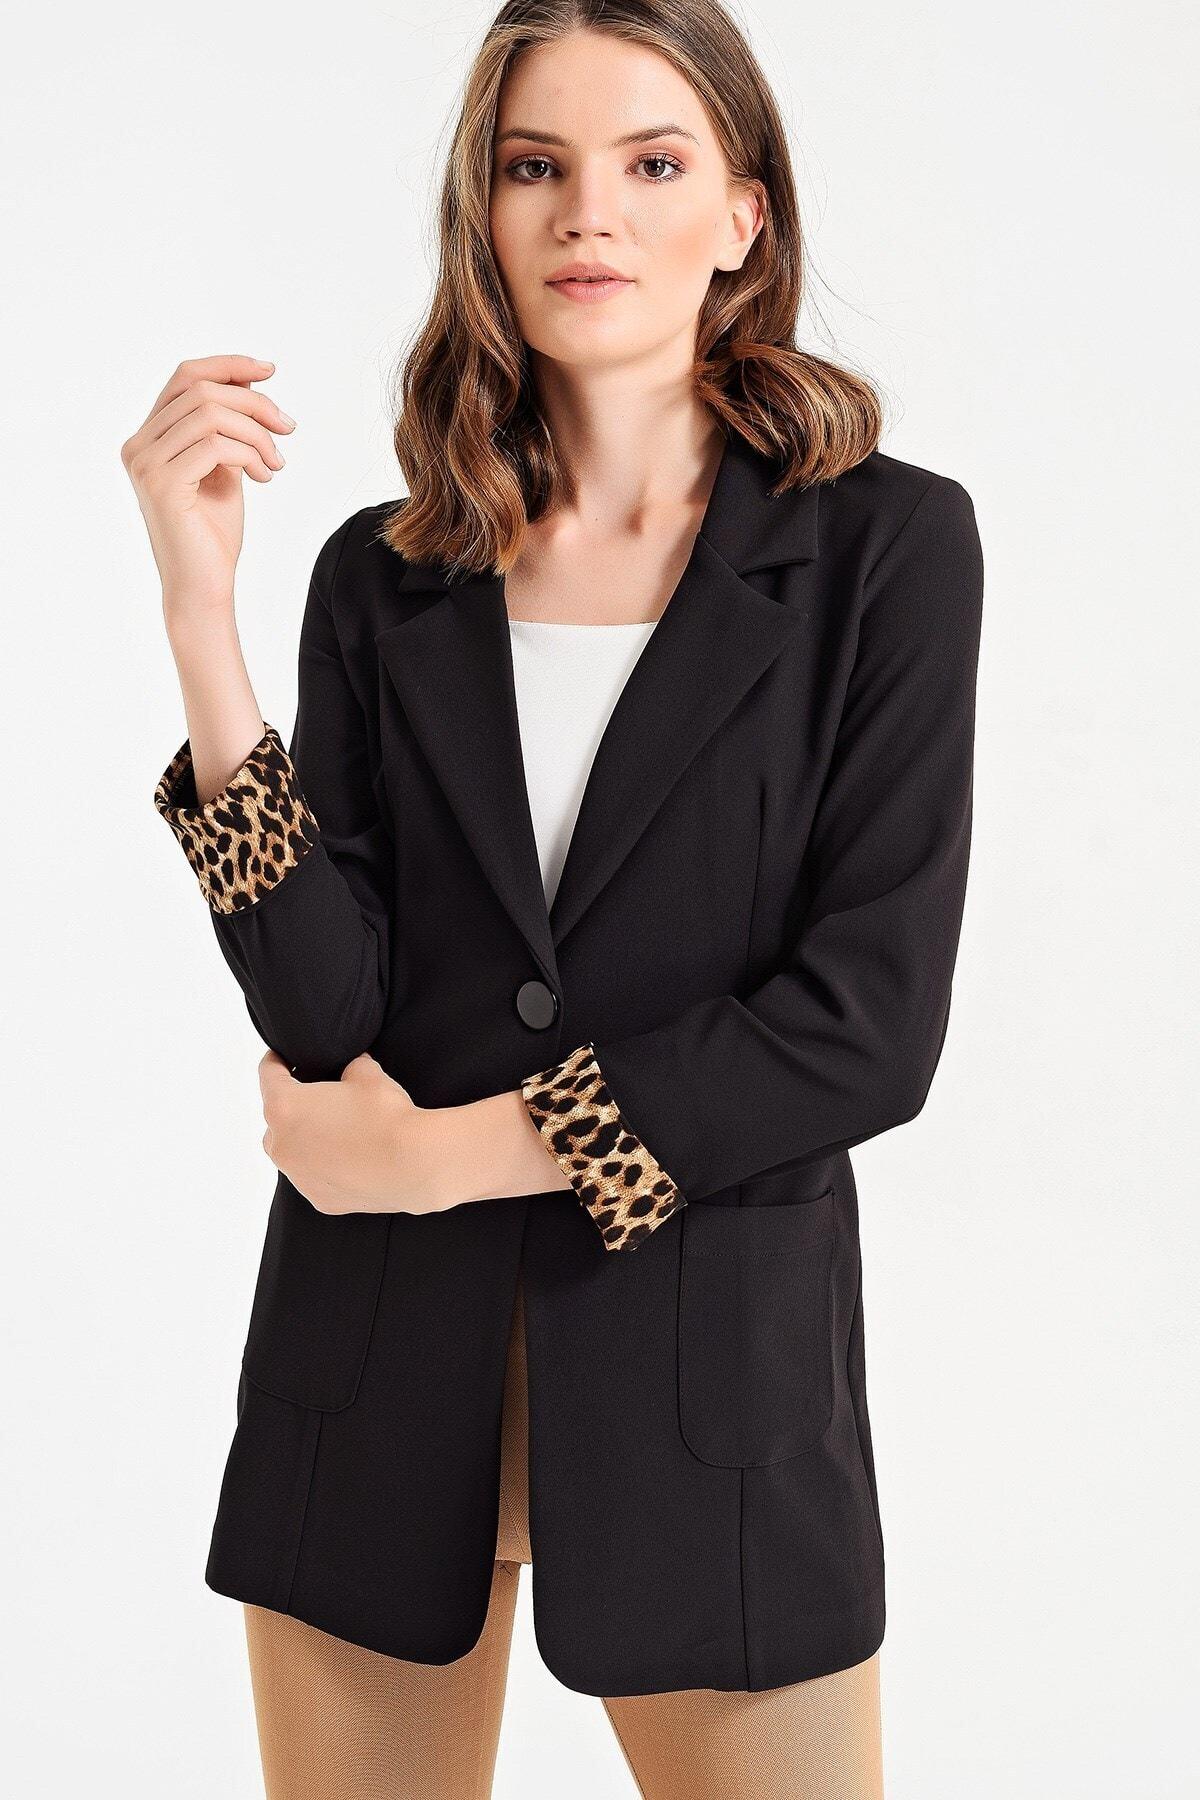 Jument Kadın Siyah Yakalı Cepli Uzun Kol Katlamalı Ceket 37000 2